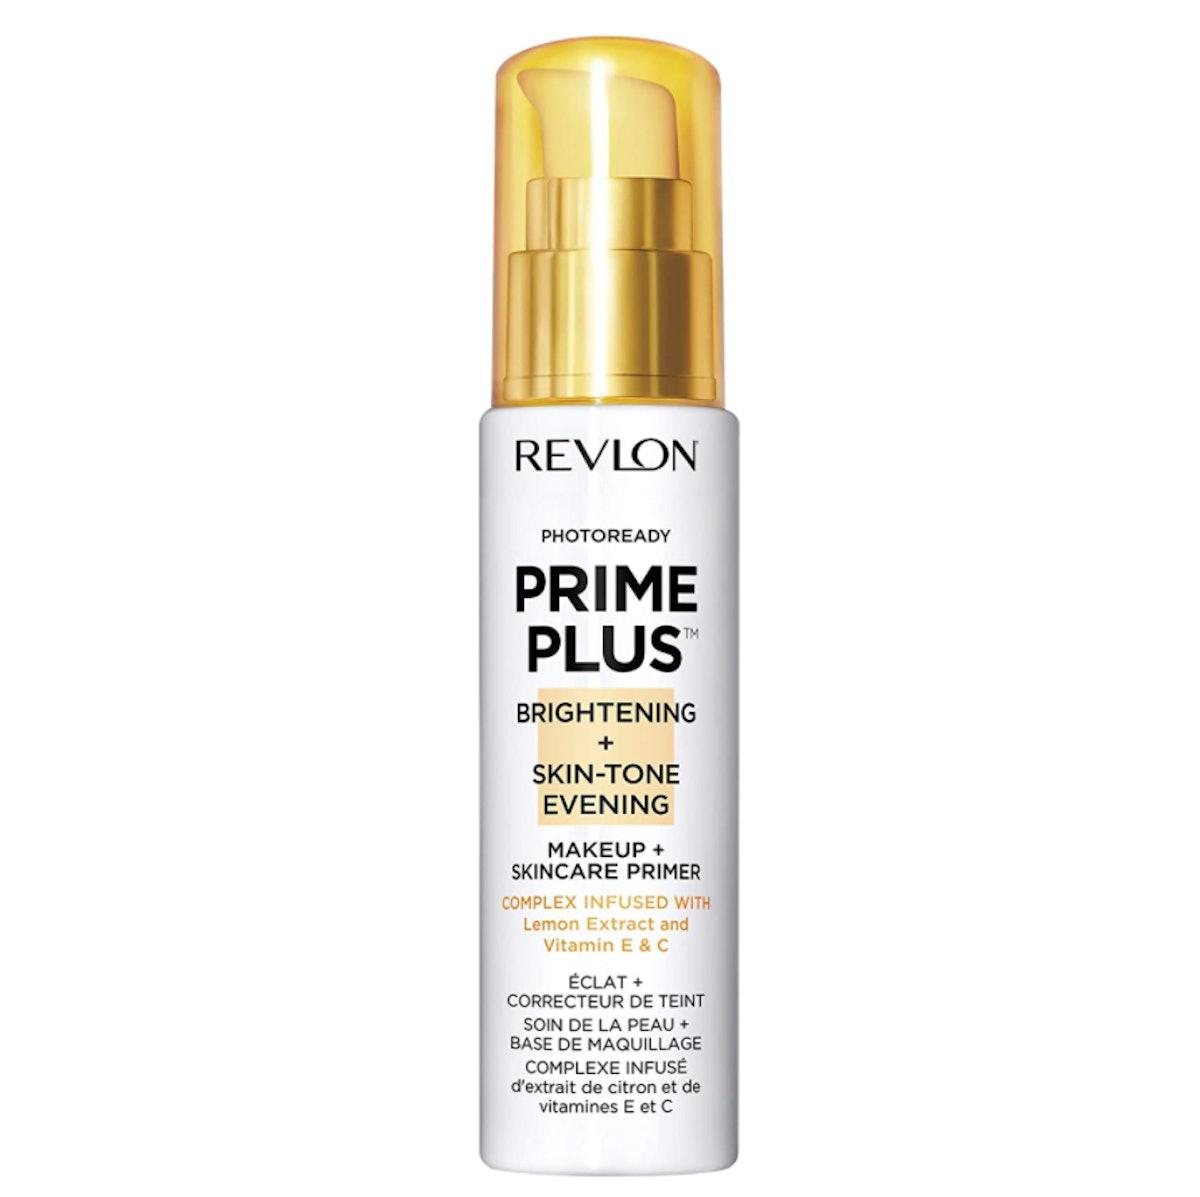 Revlon Prime Plus Makeup & Skin Care Primer, 1 Oz.